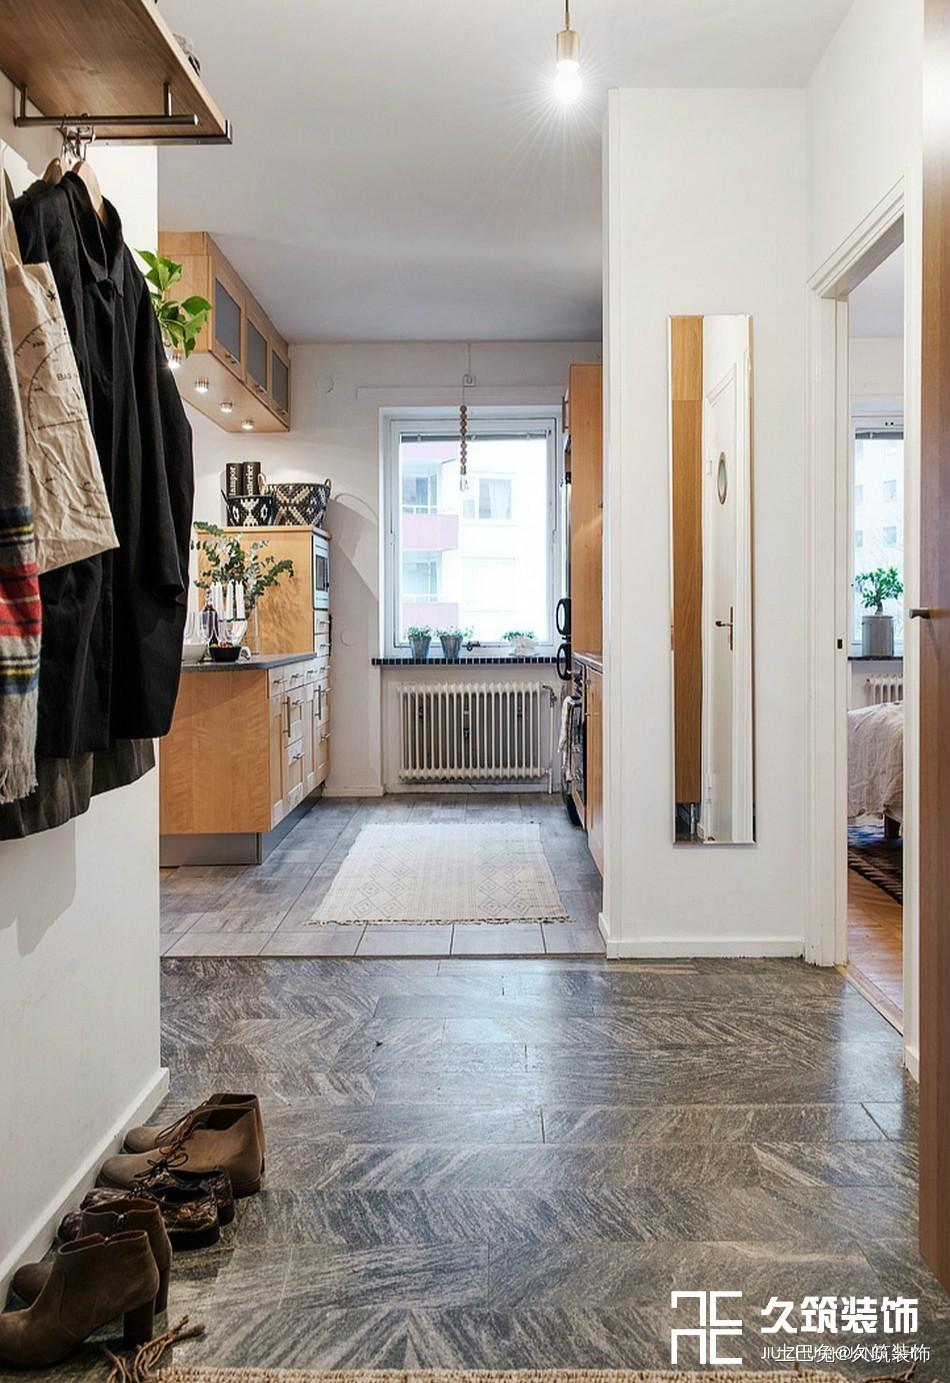 49㎡现代简约一居室小户型设计玄关现代简约玄关设计图片赏析